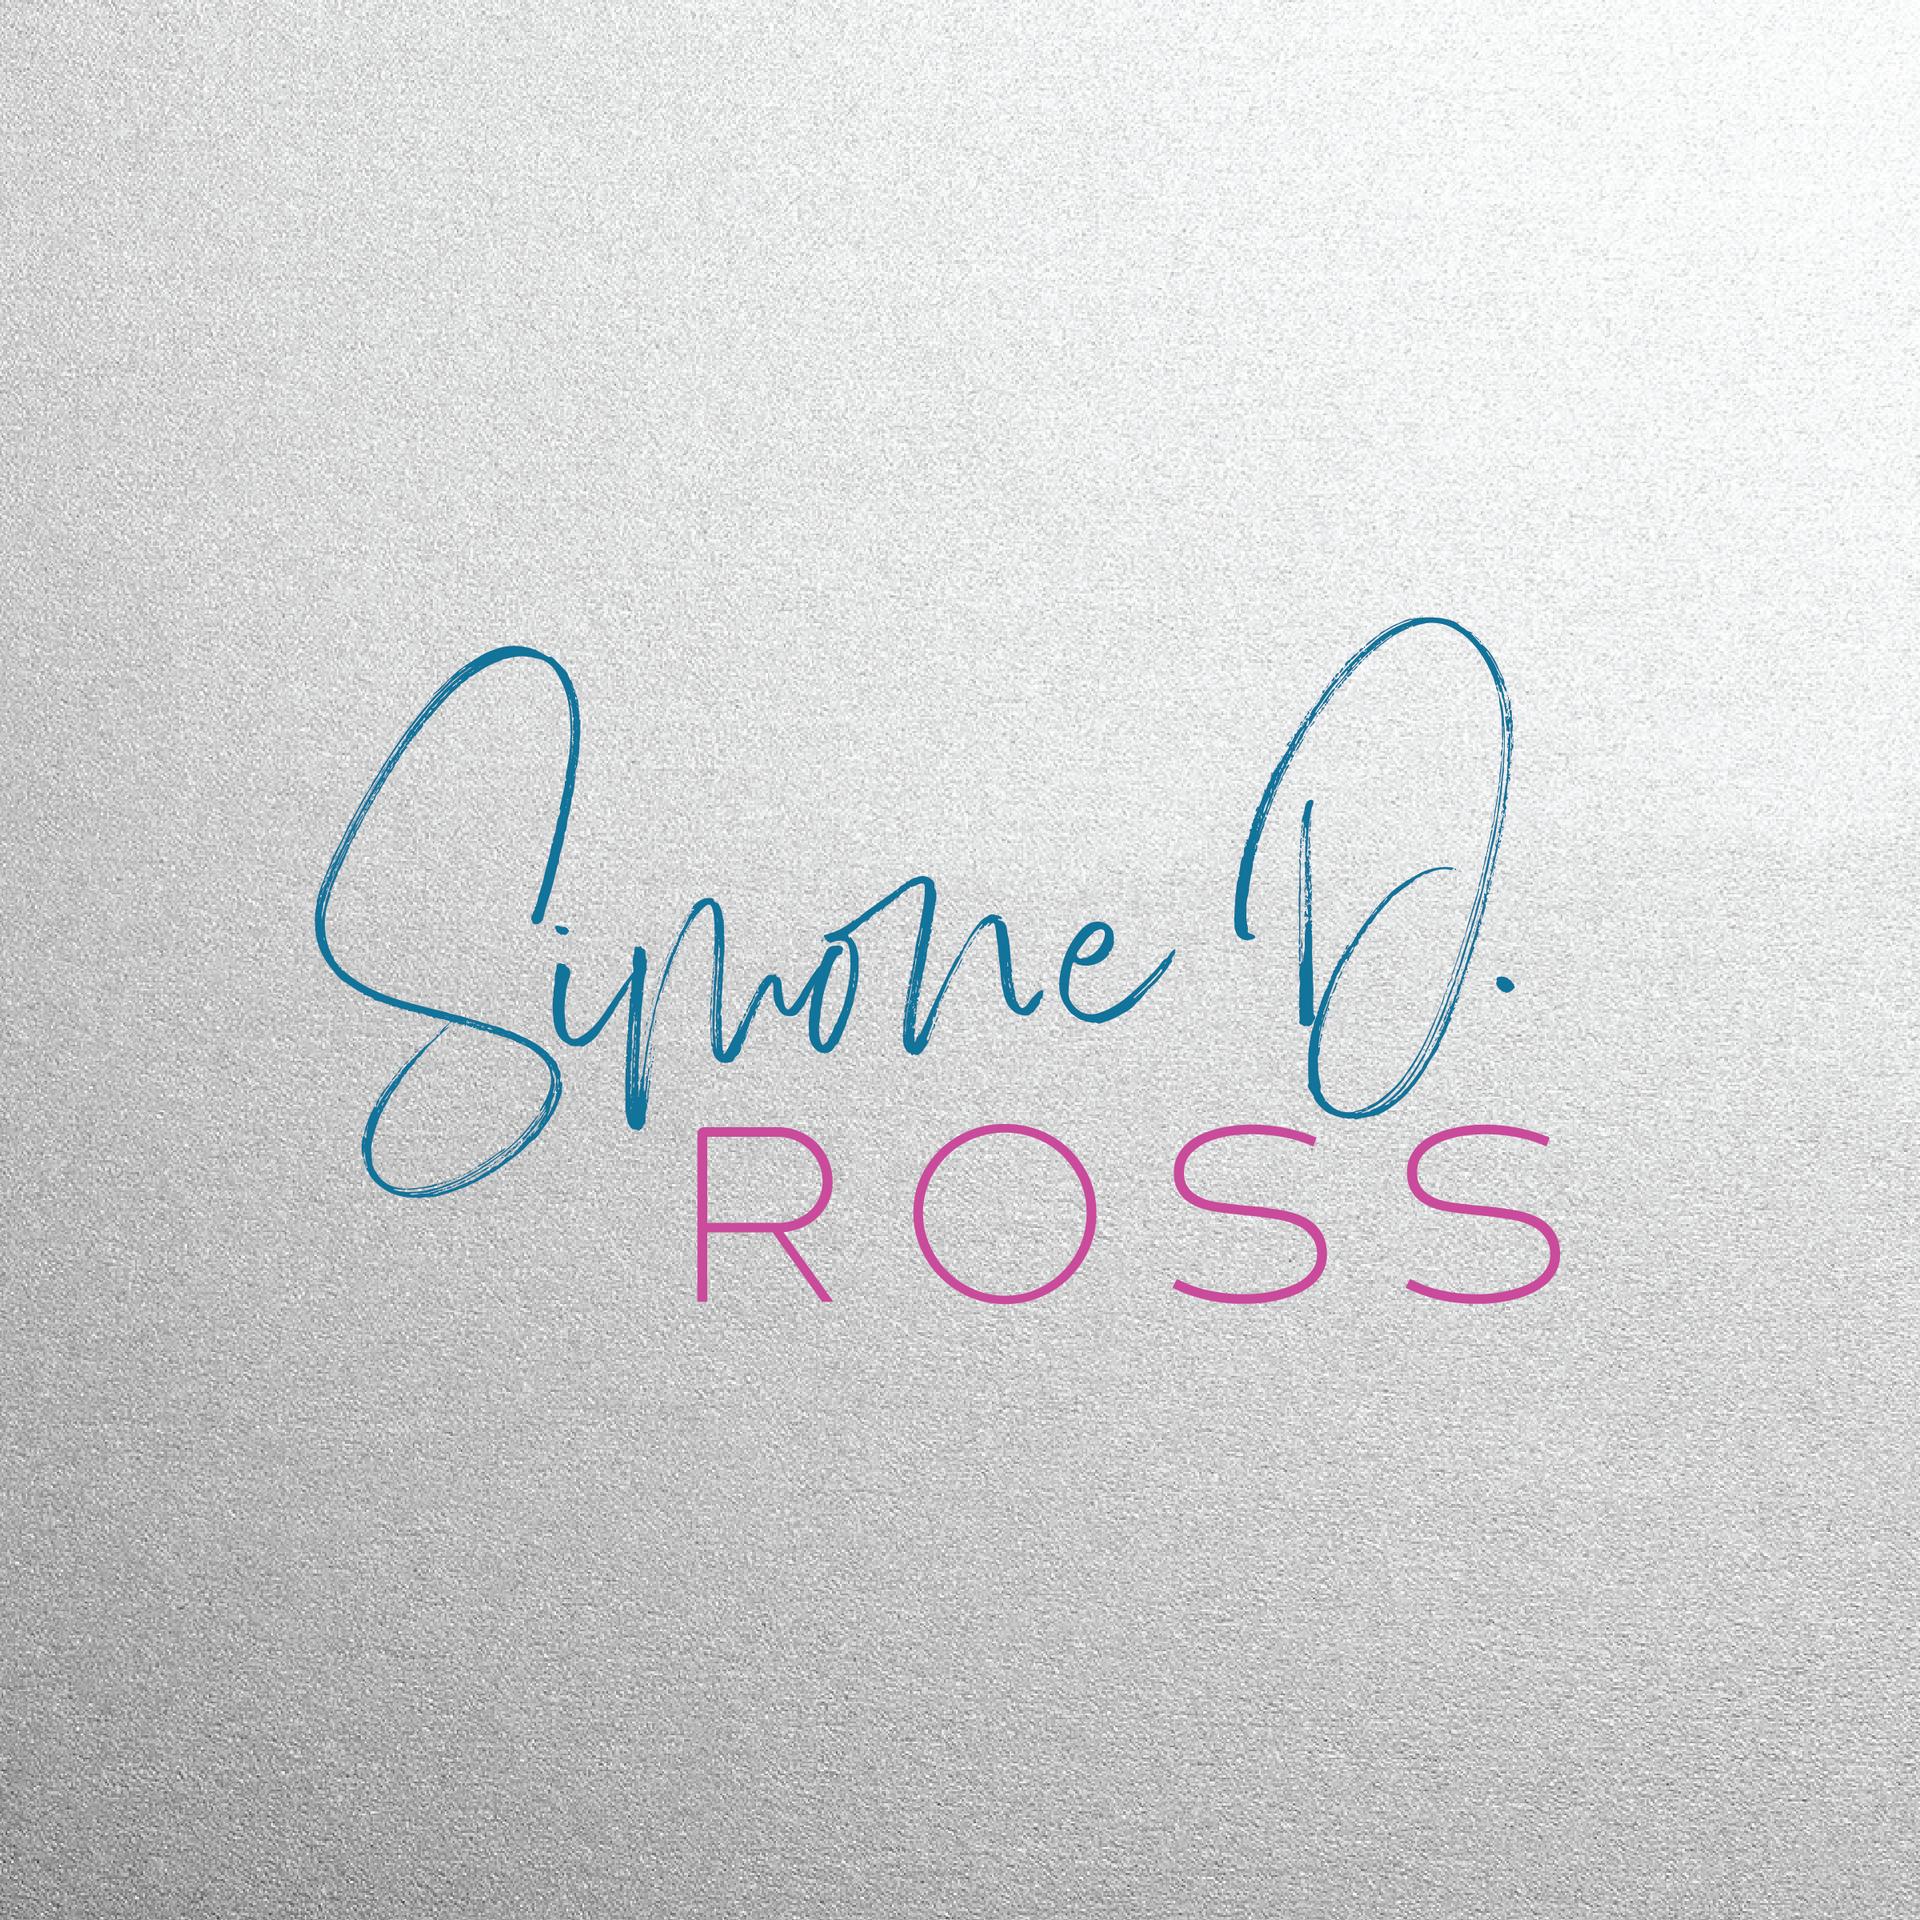 Simone D. Ross